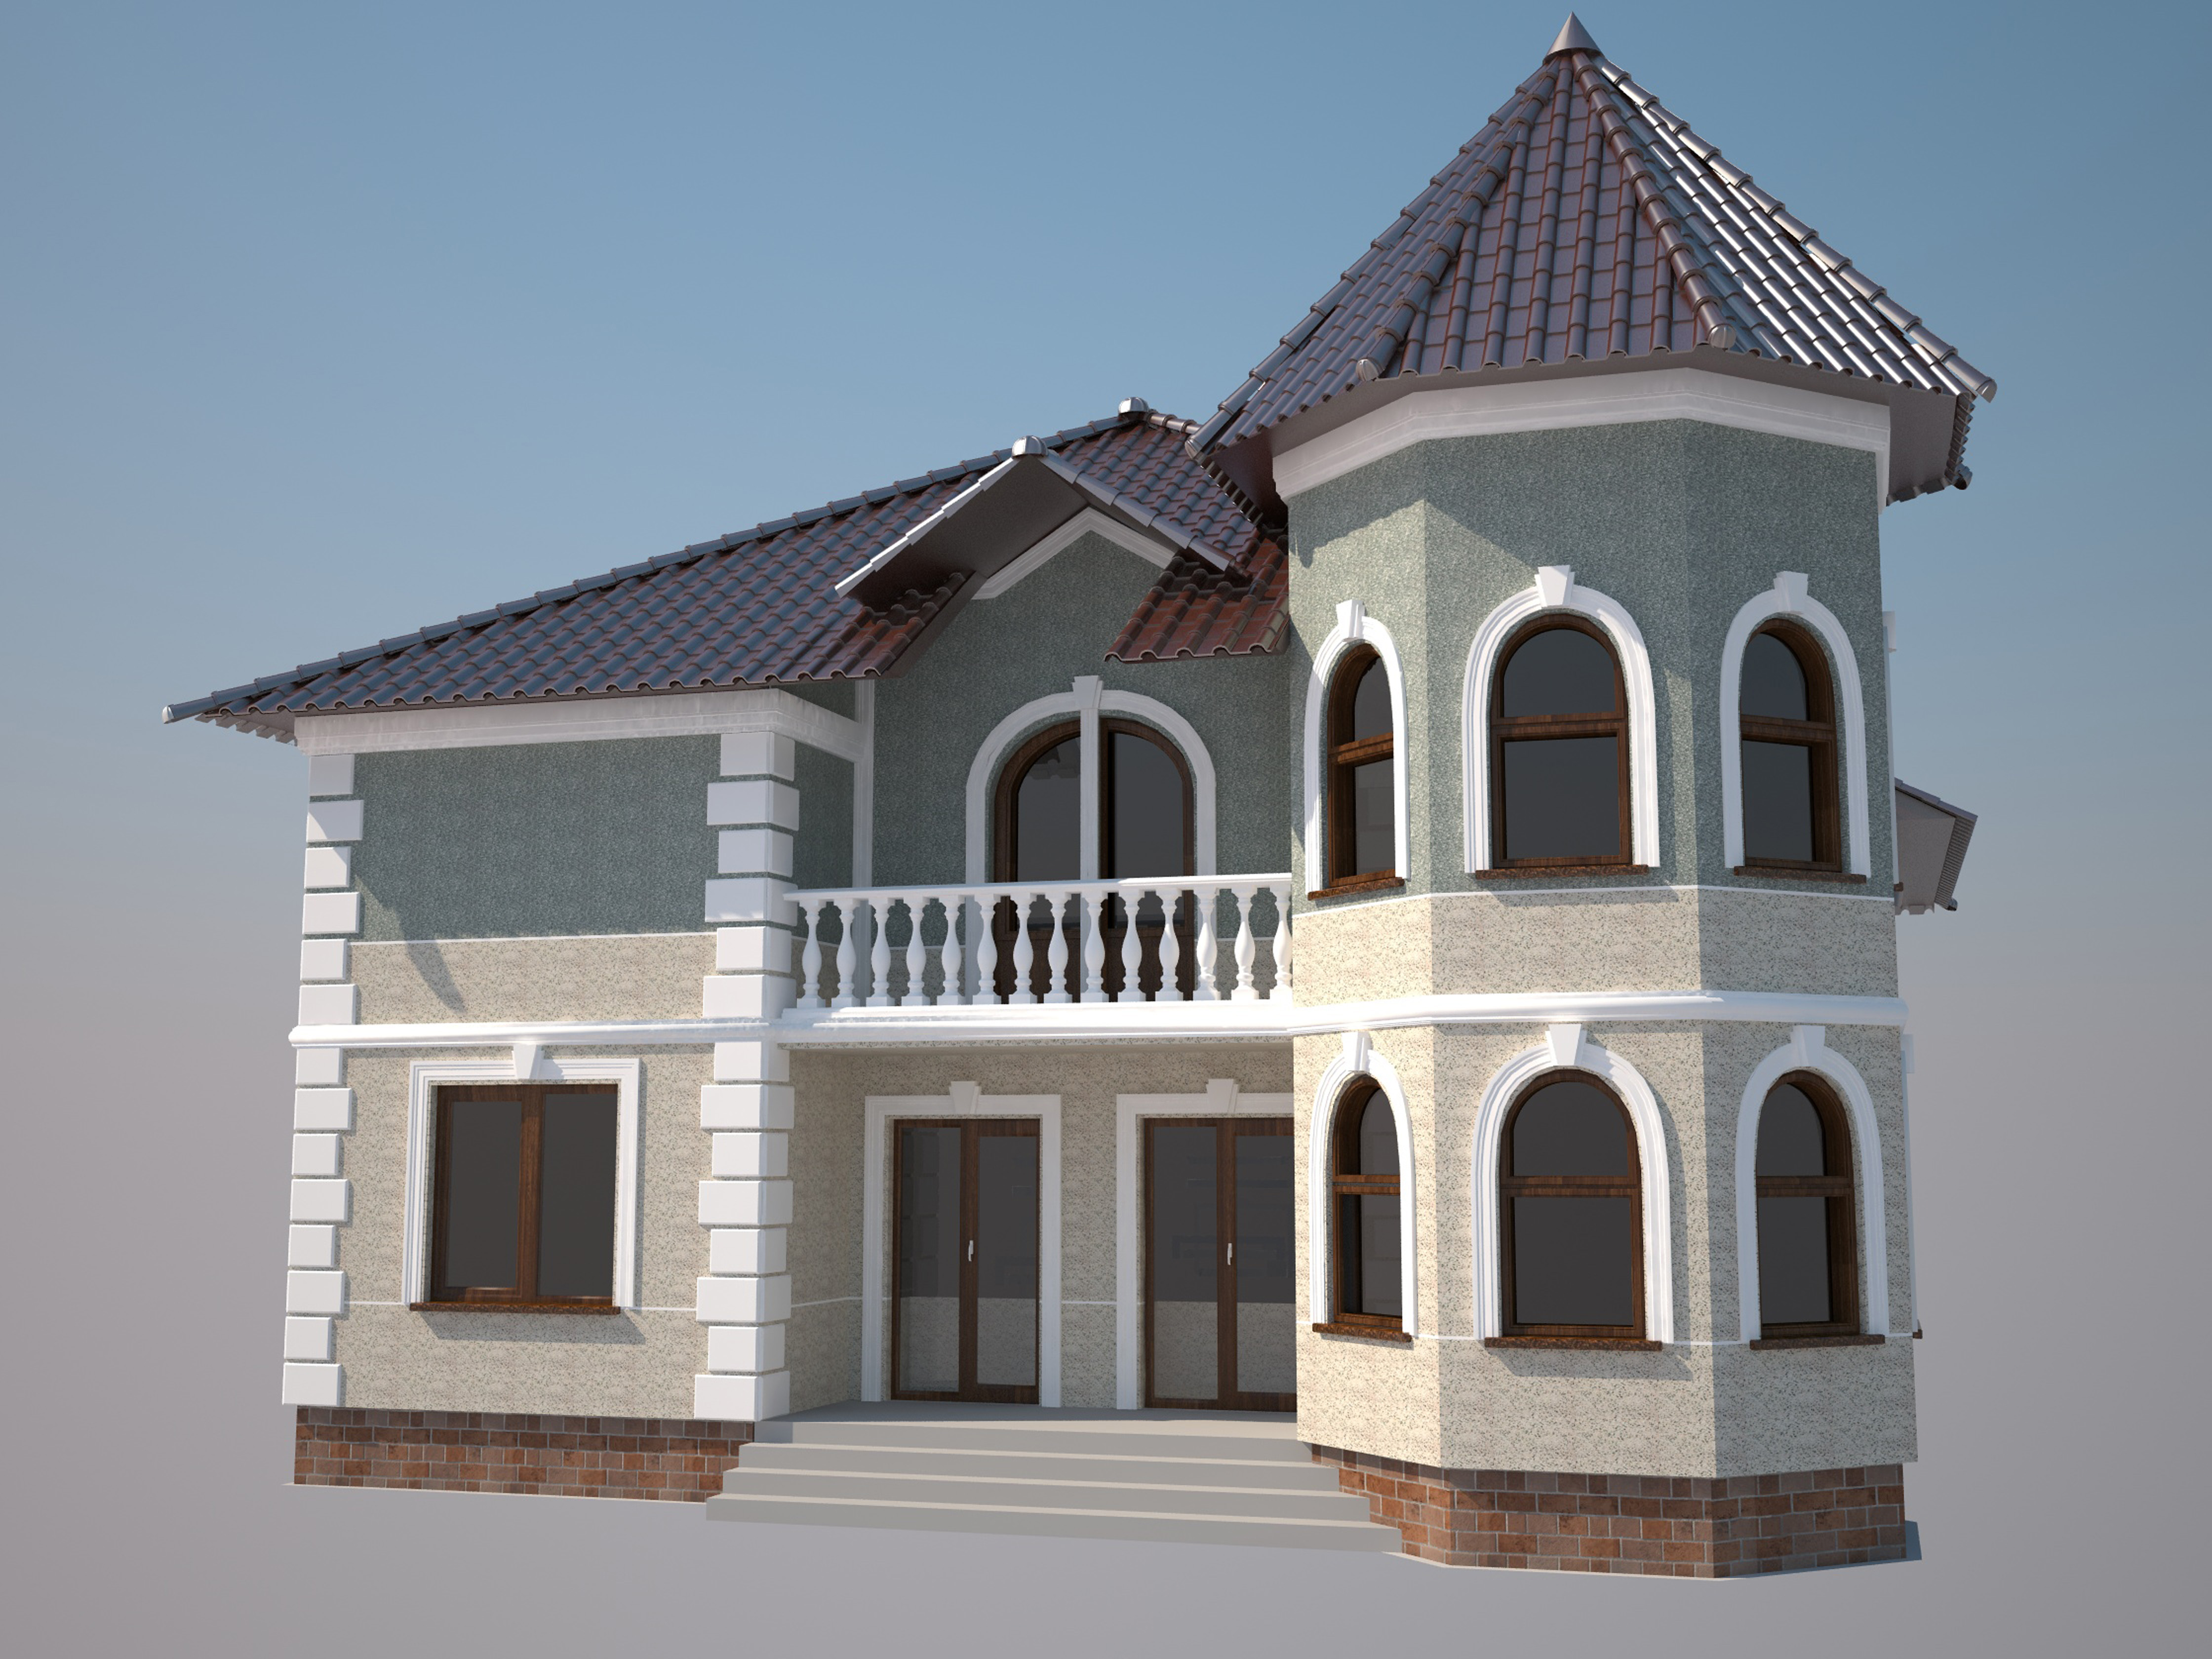 Программу по фасадный дизайну